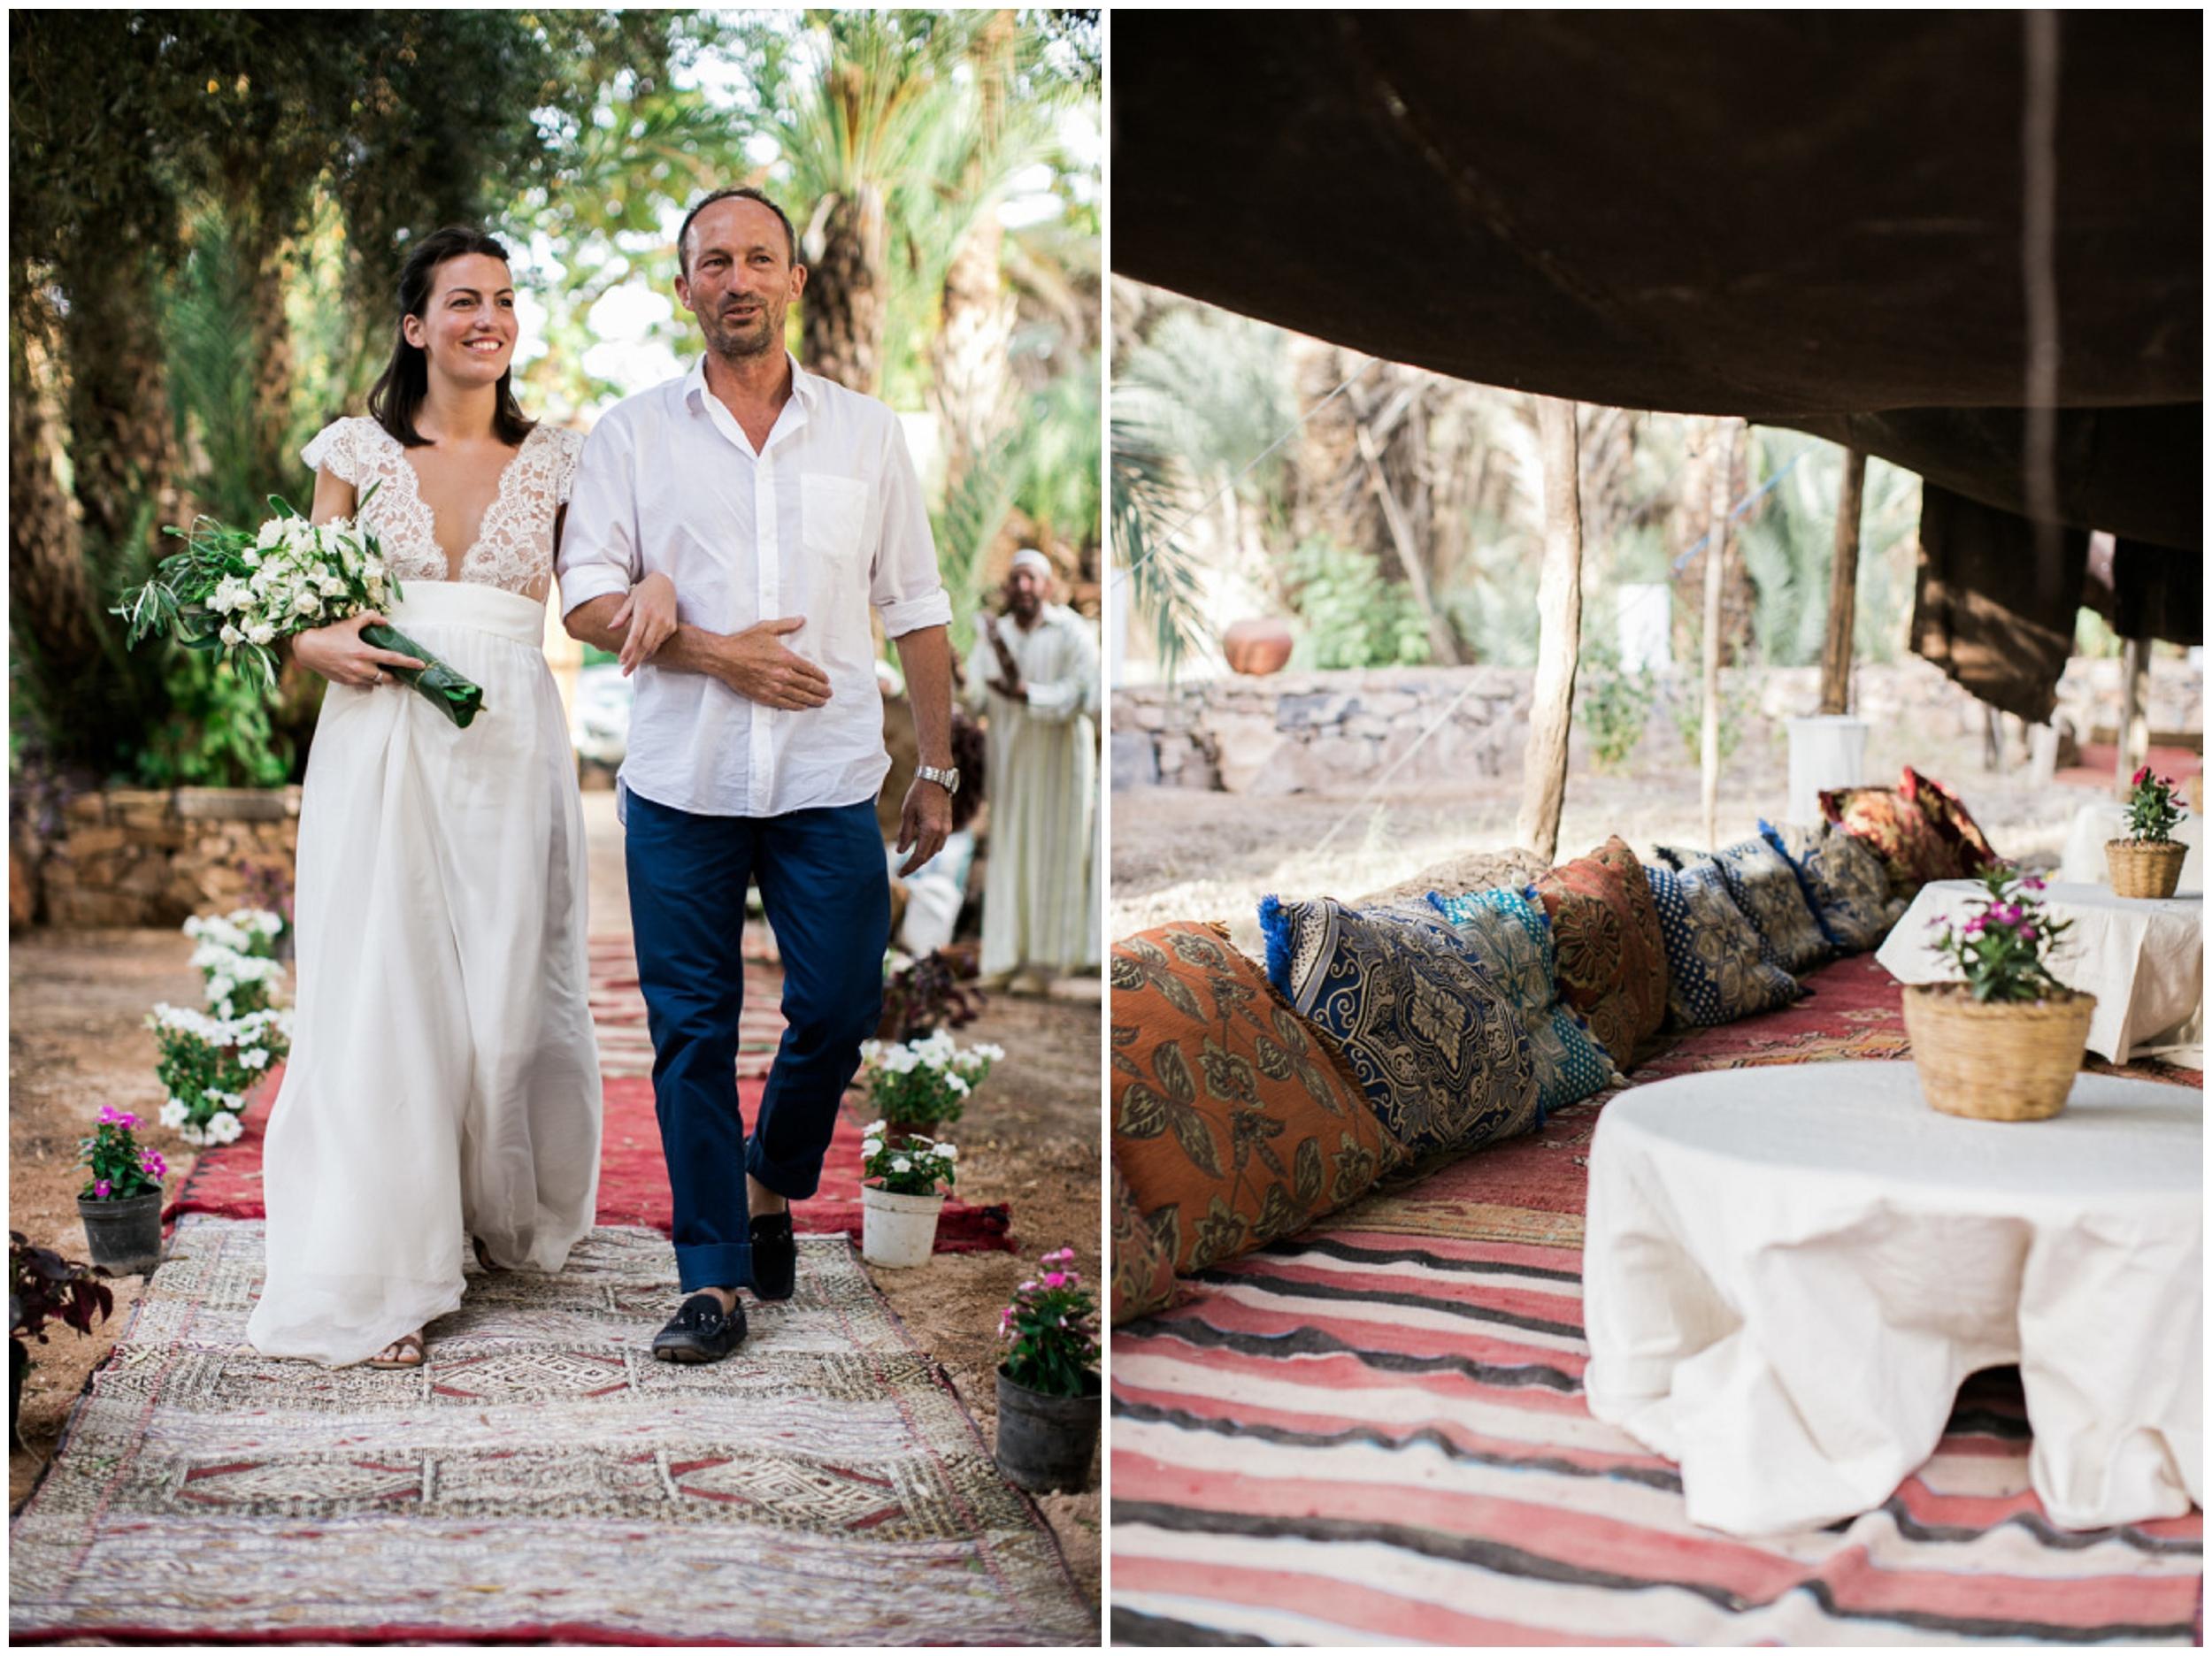 mariarao+wedding+photographer+cascais_0382.jpg